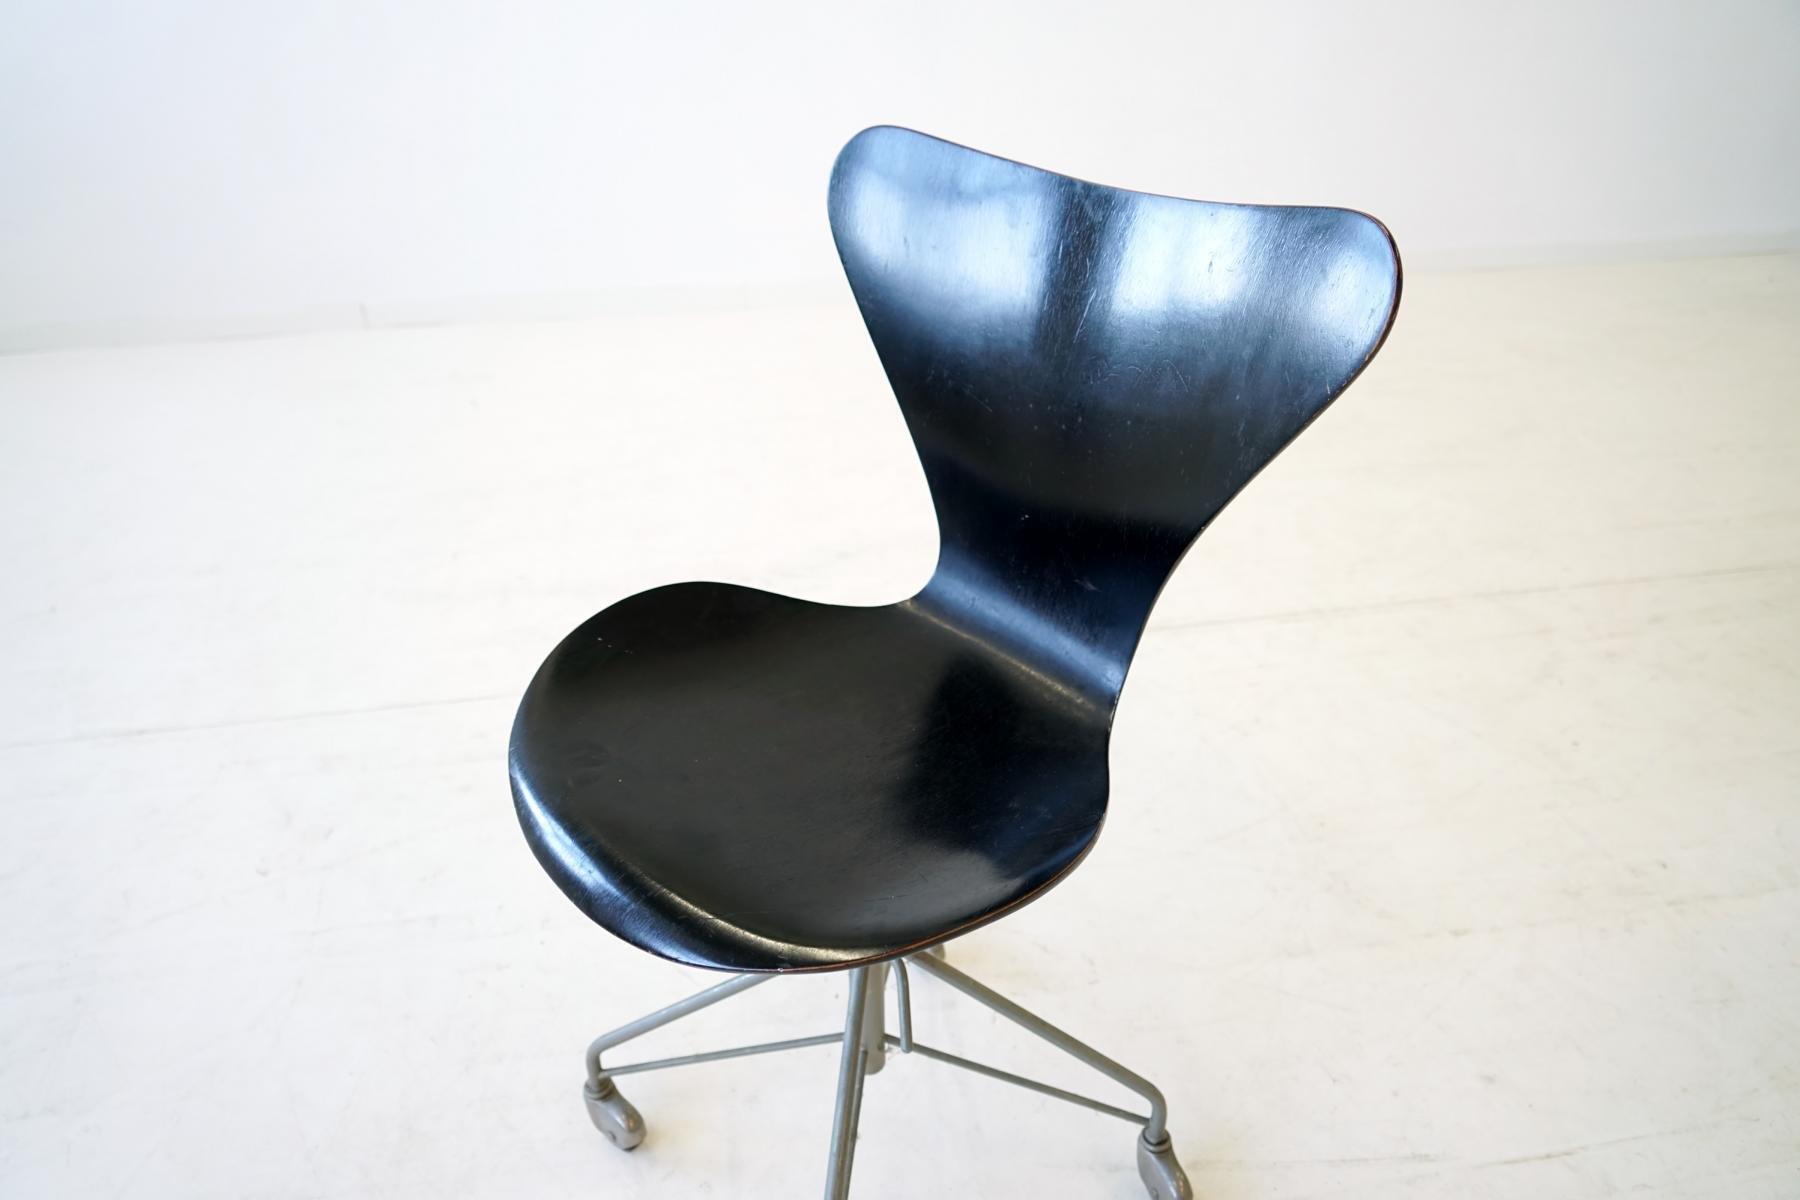 Sedia da ufficio 3117 07 di arne jacobsen per fritz hansen for Scrivania ufficio anni 50